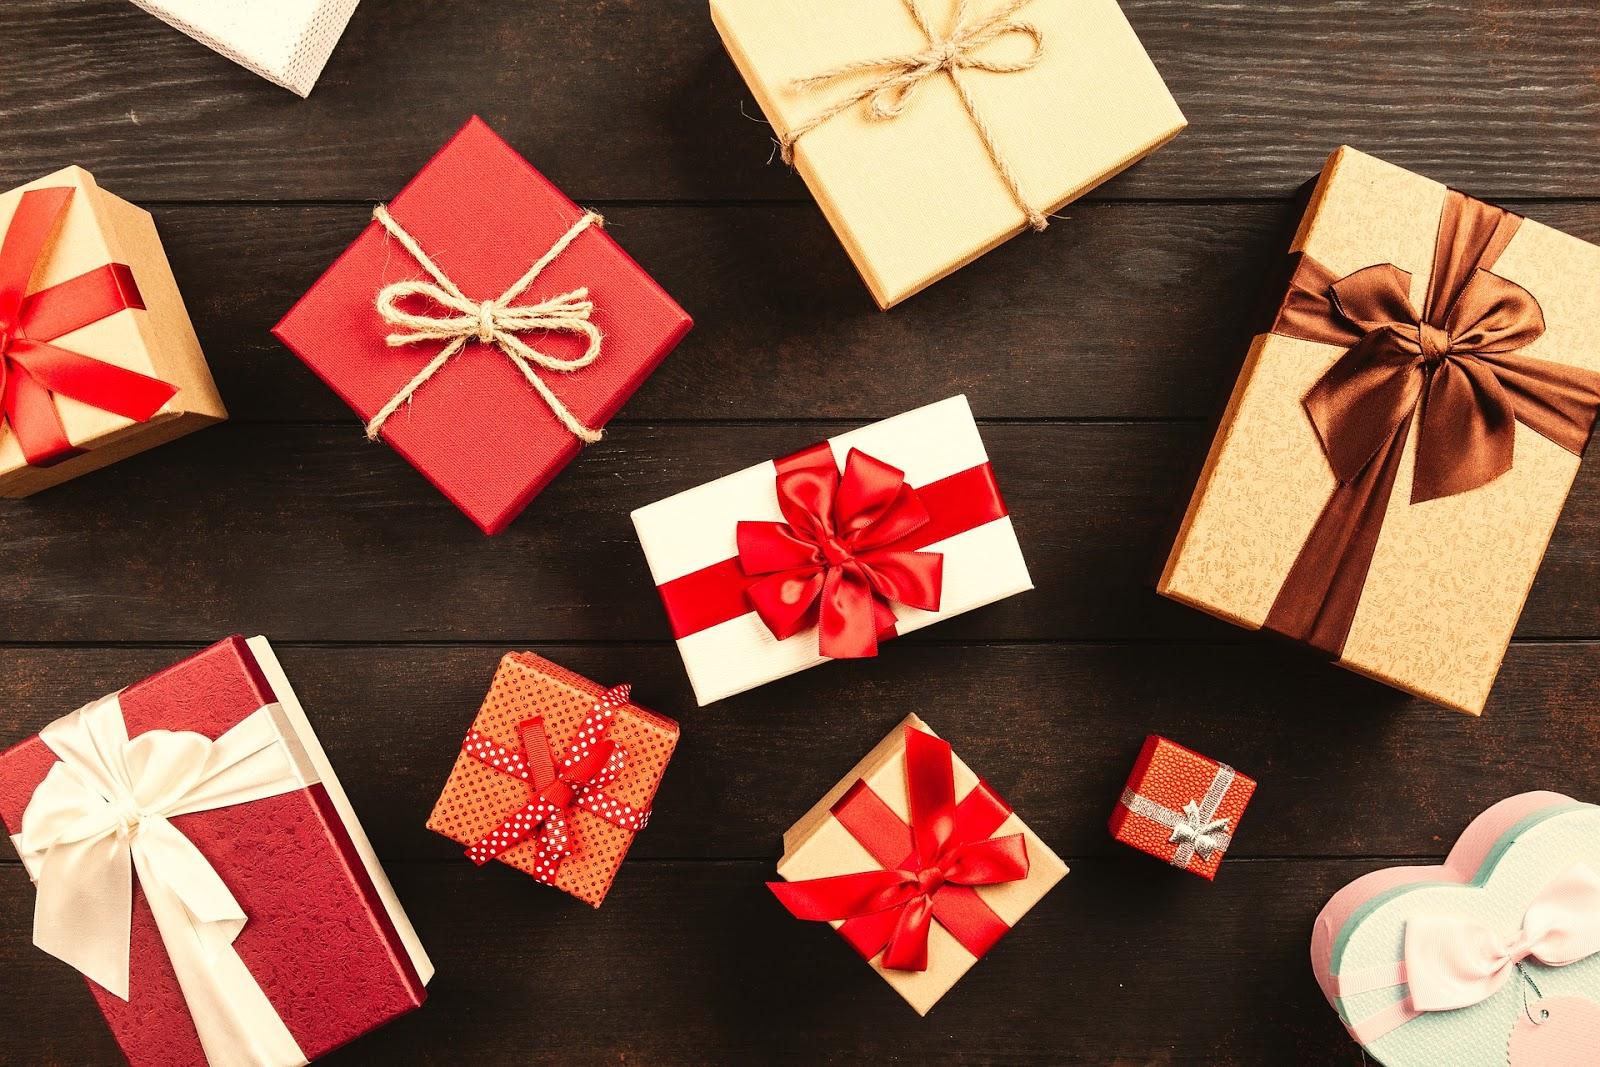 40 pomyslow na prezent mikolajkowy dla mamy siostry i przyjaciolki